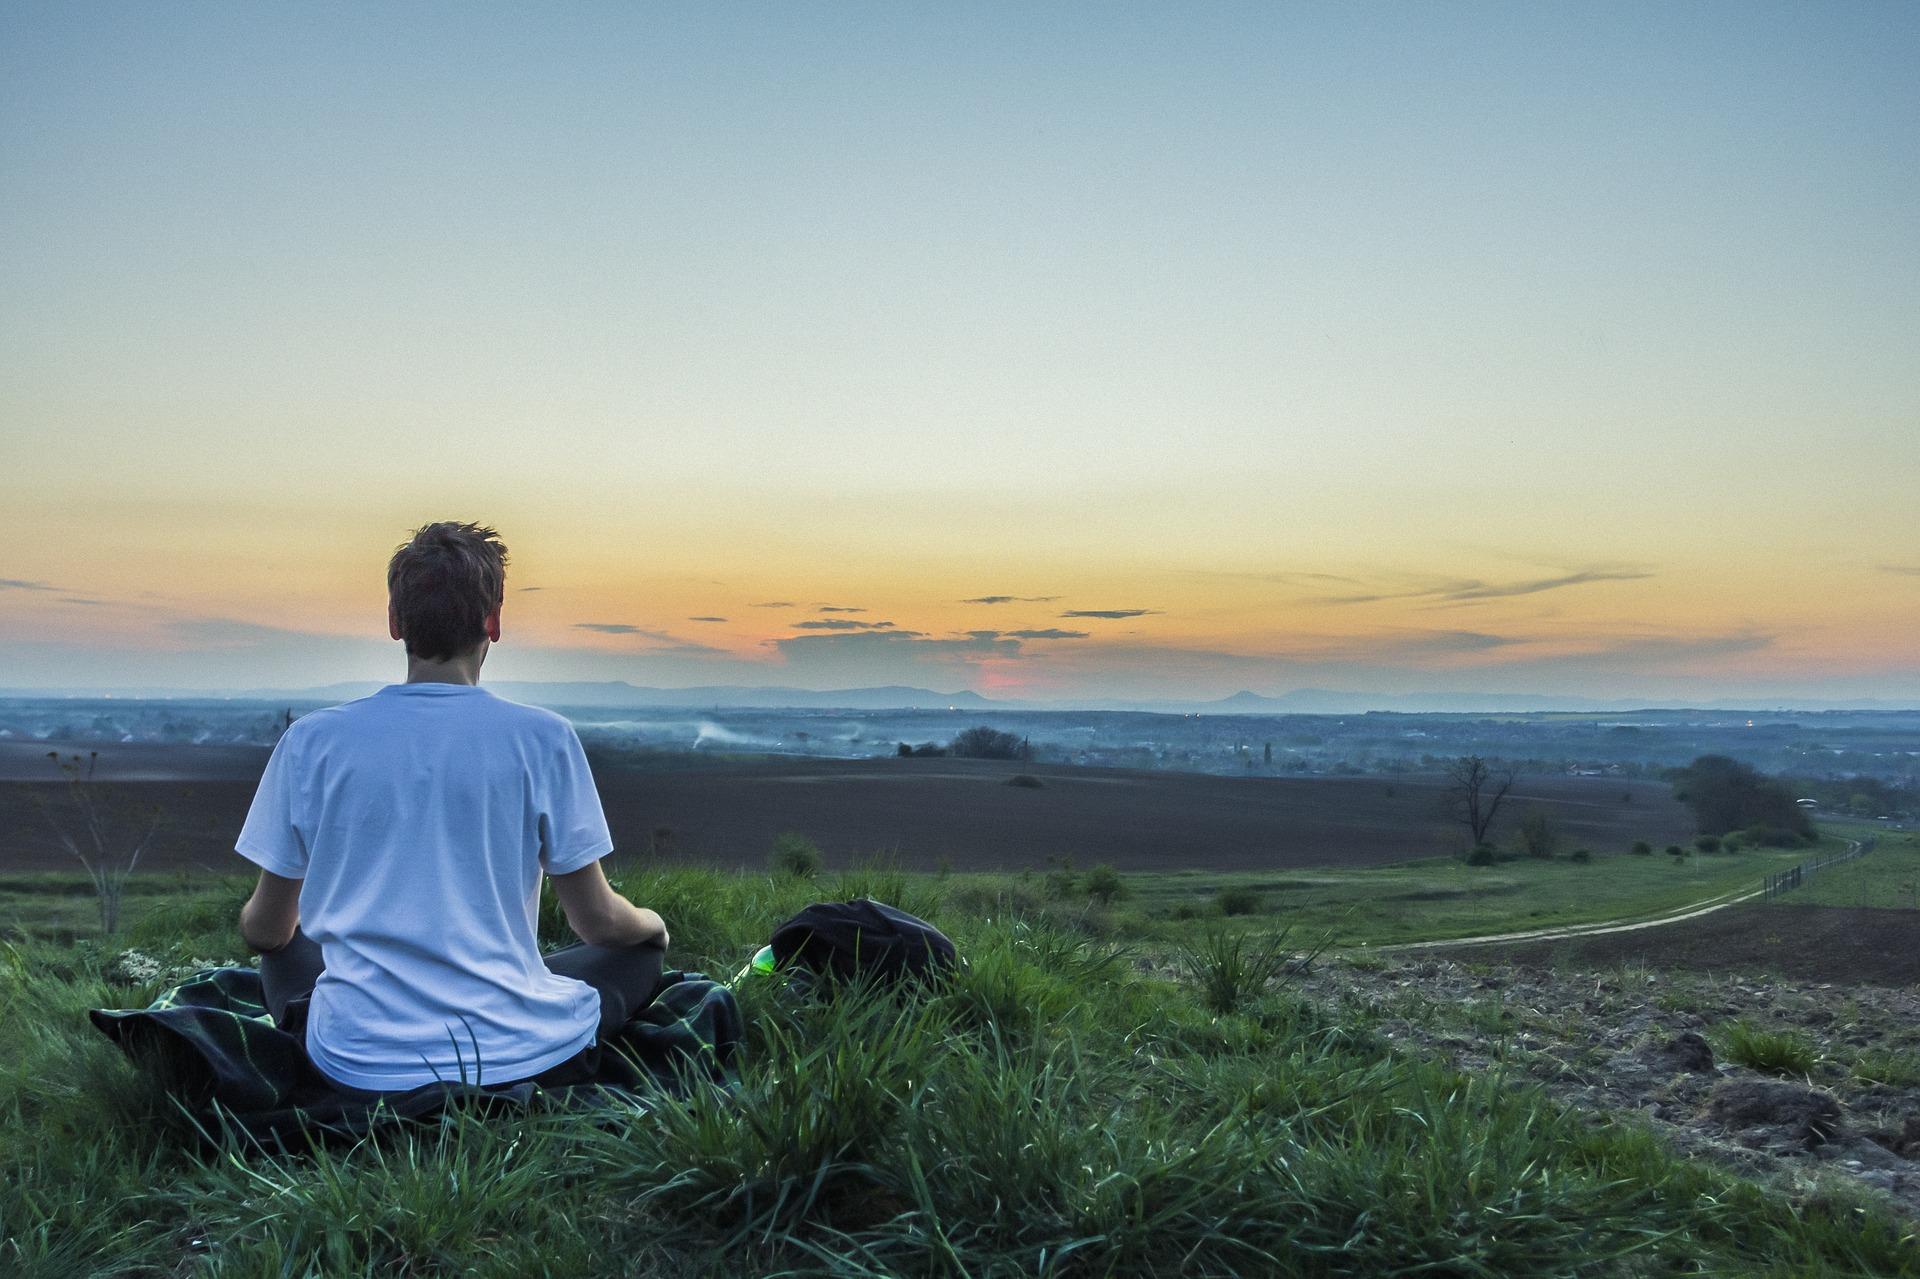 imagen sobre el mindfulness para prevenir recaídas